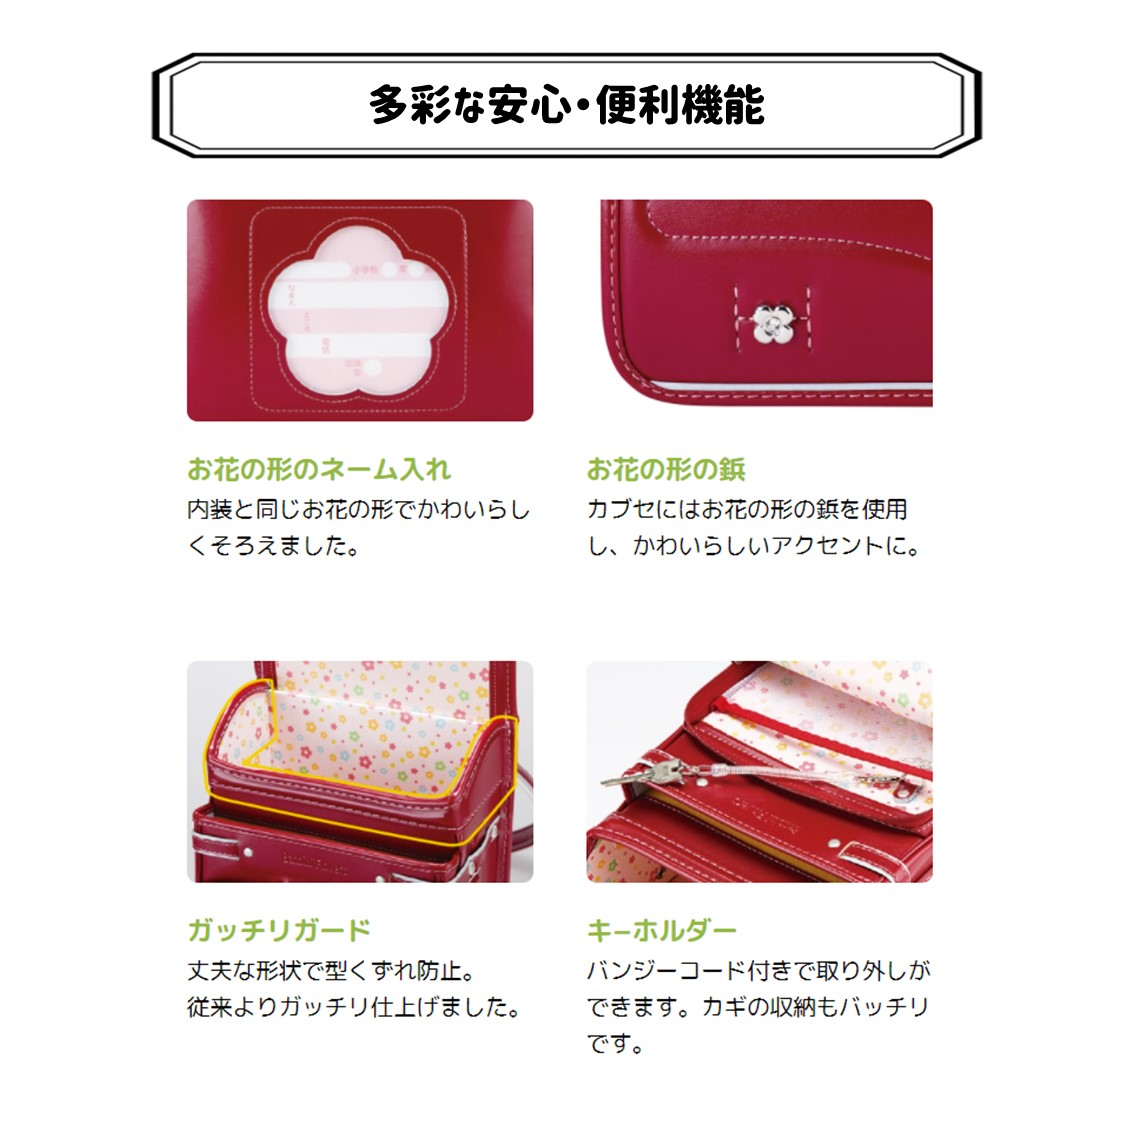 バンビーニ ファンタジー 牛革 チェリー/ピンク